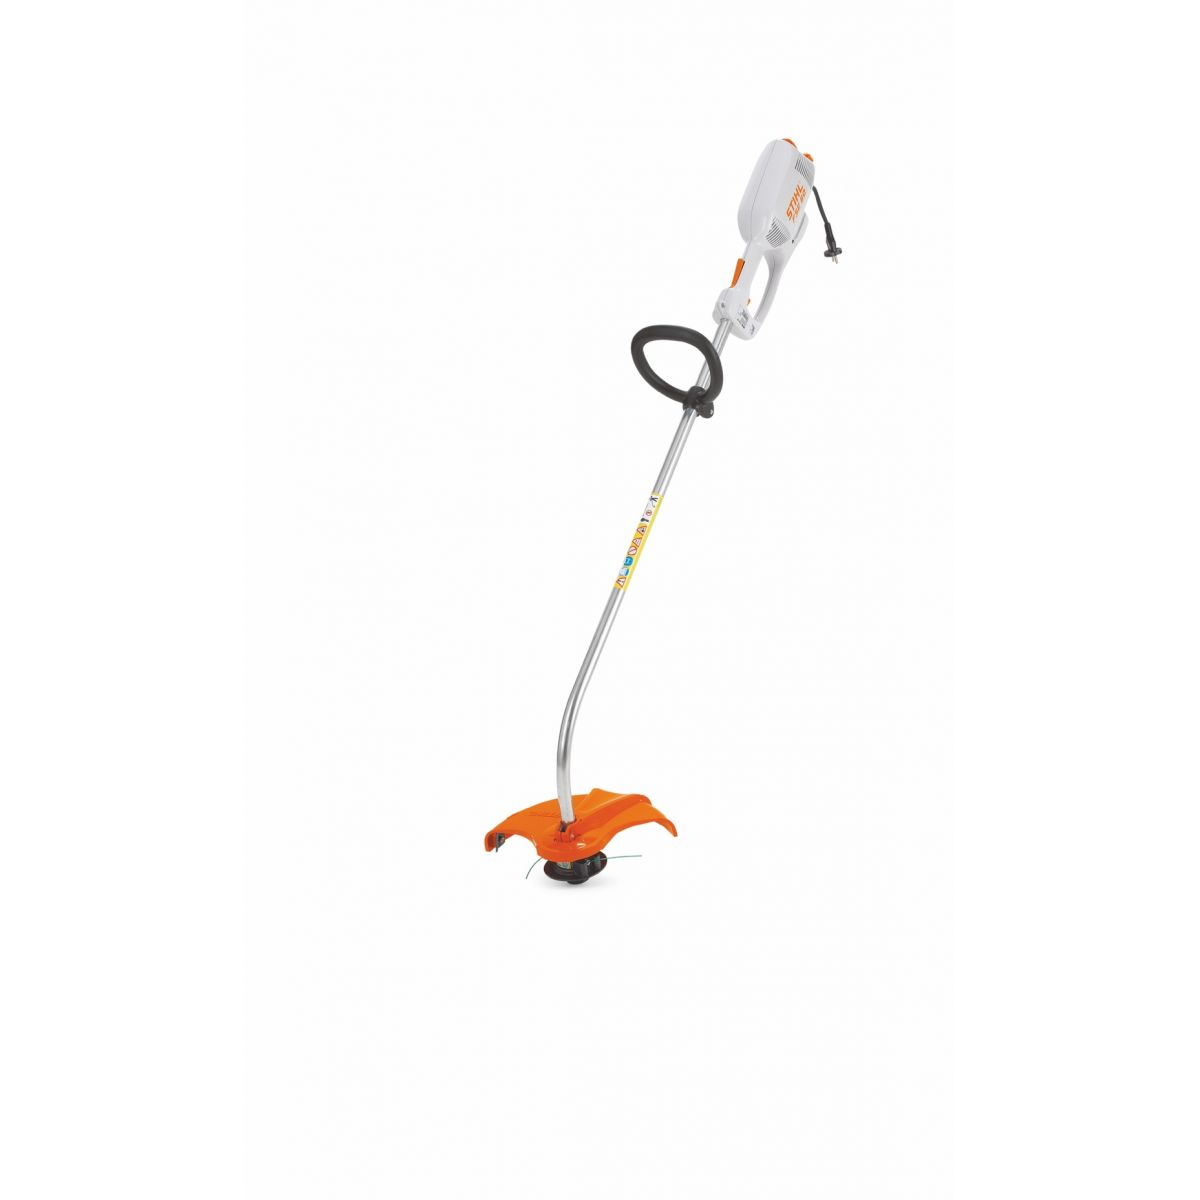 Roçadeira Manual Elétrica STIHL FSE 60